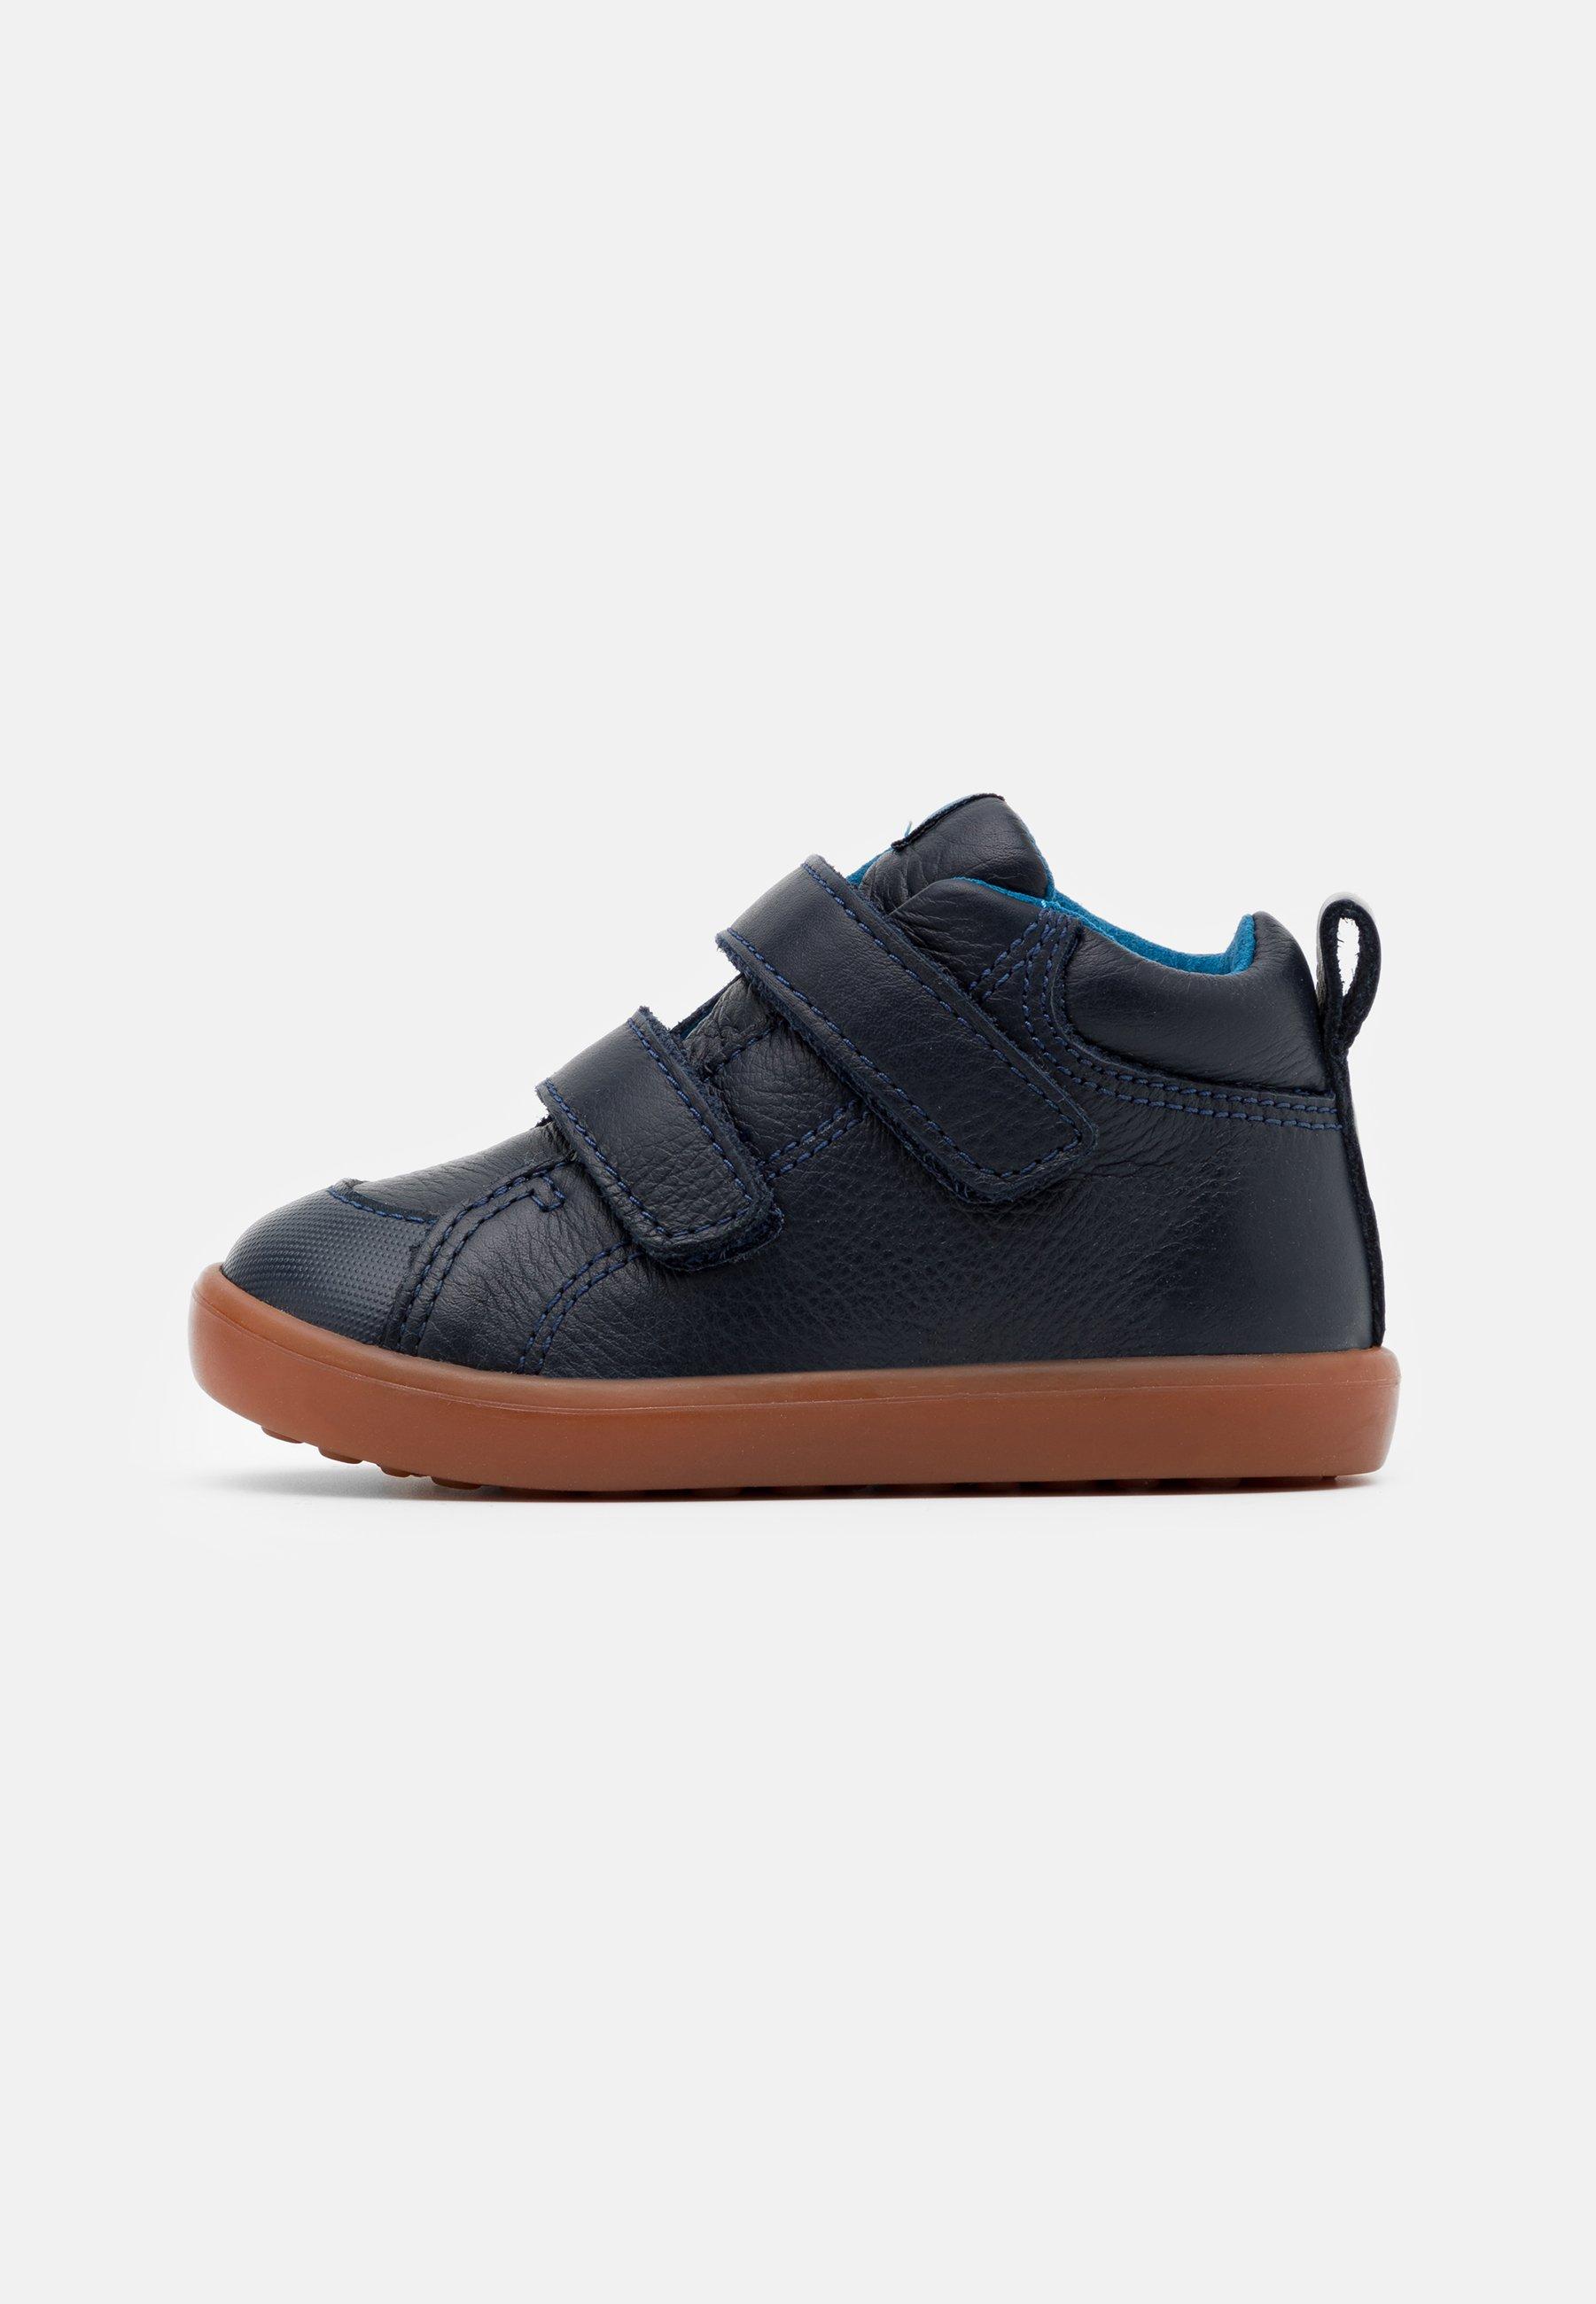 Børn PURSUIT  - Lær-at-gå-sko